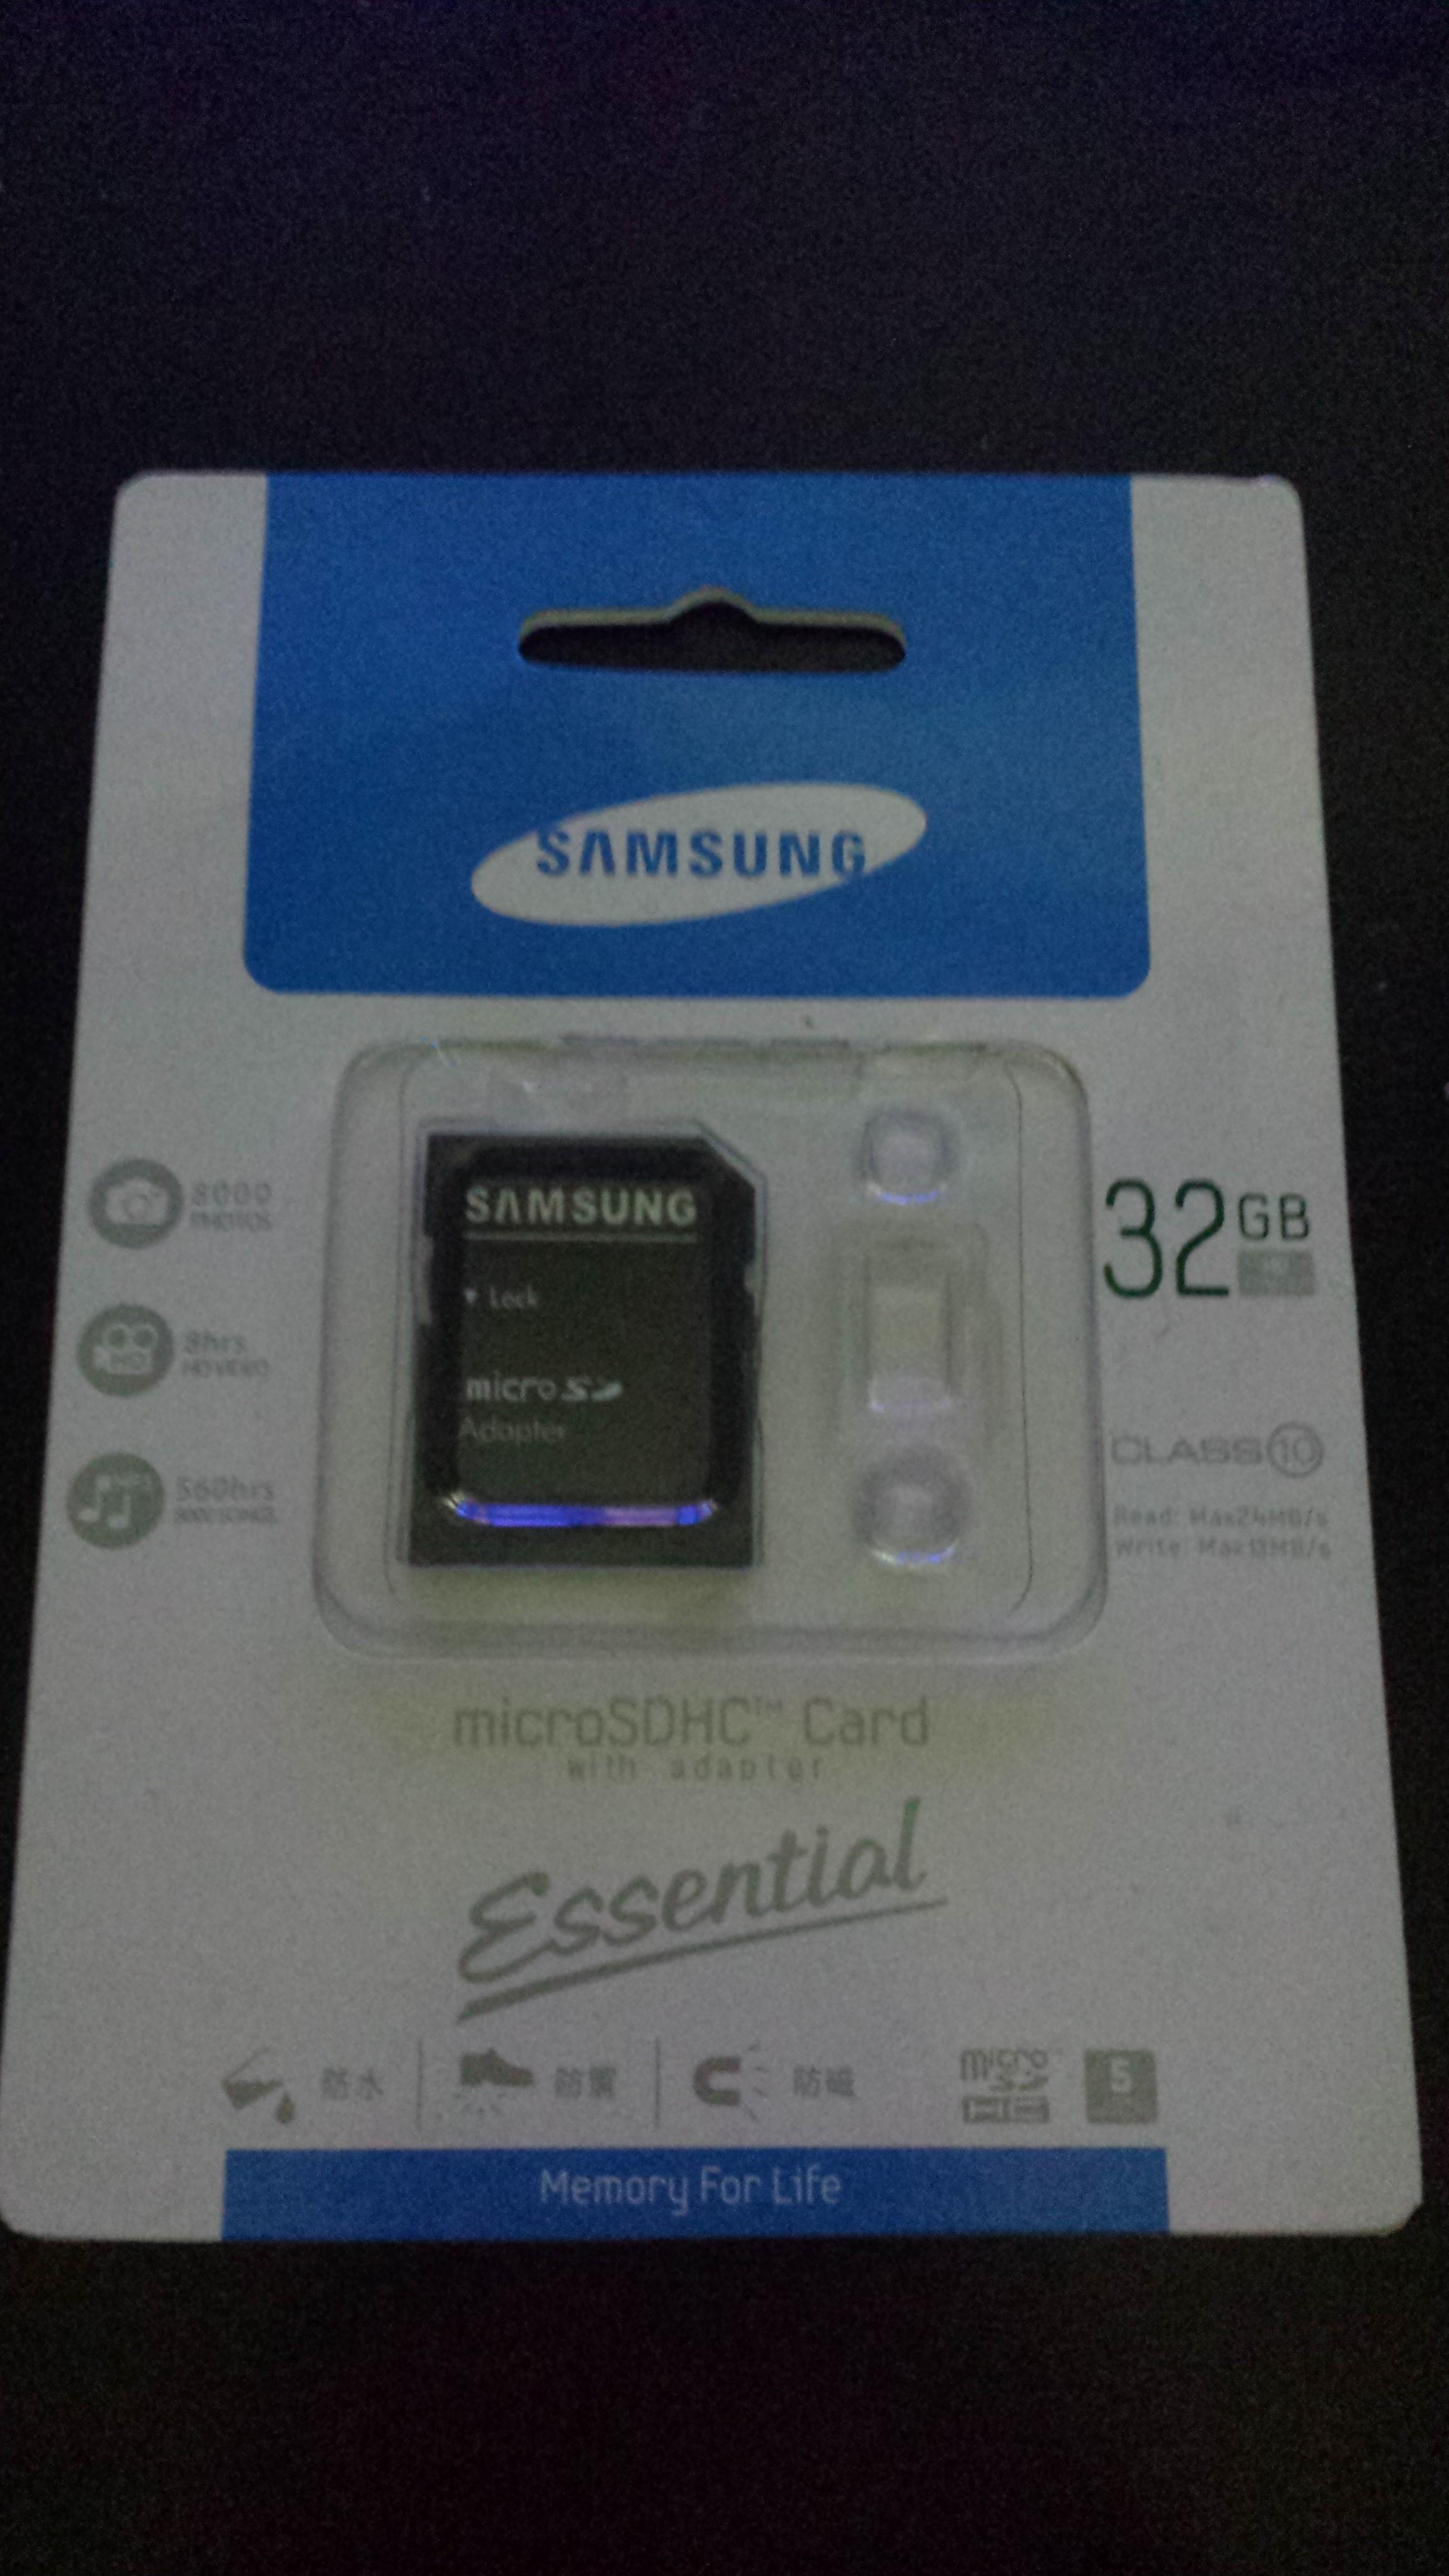 Fotos Auf Sd Karte Verschieben S4.S4 Samsung Sd Karte Nur Probleme